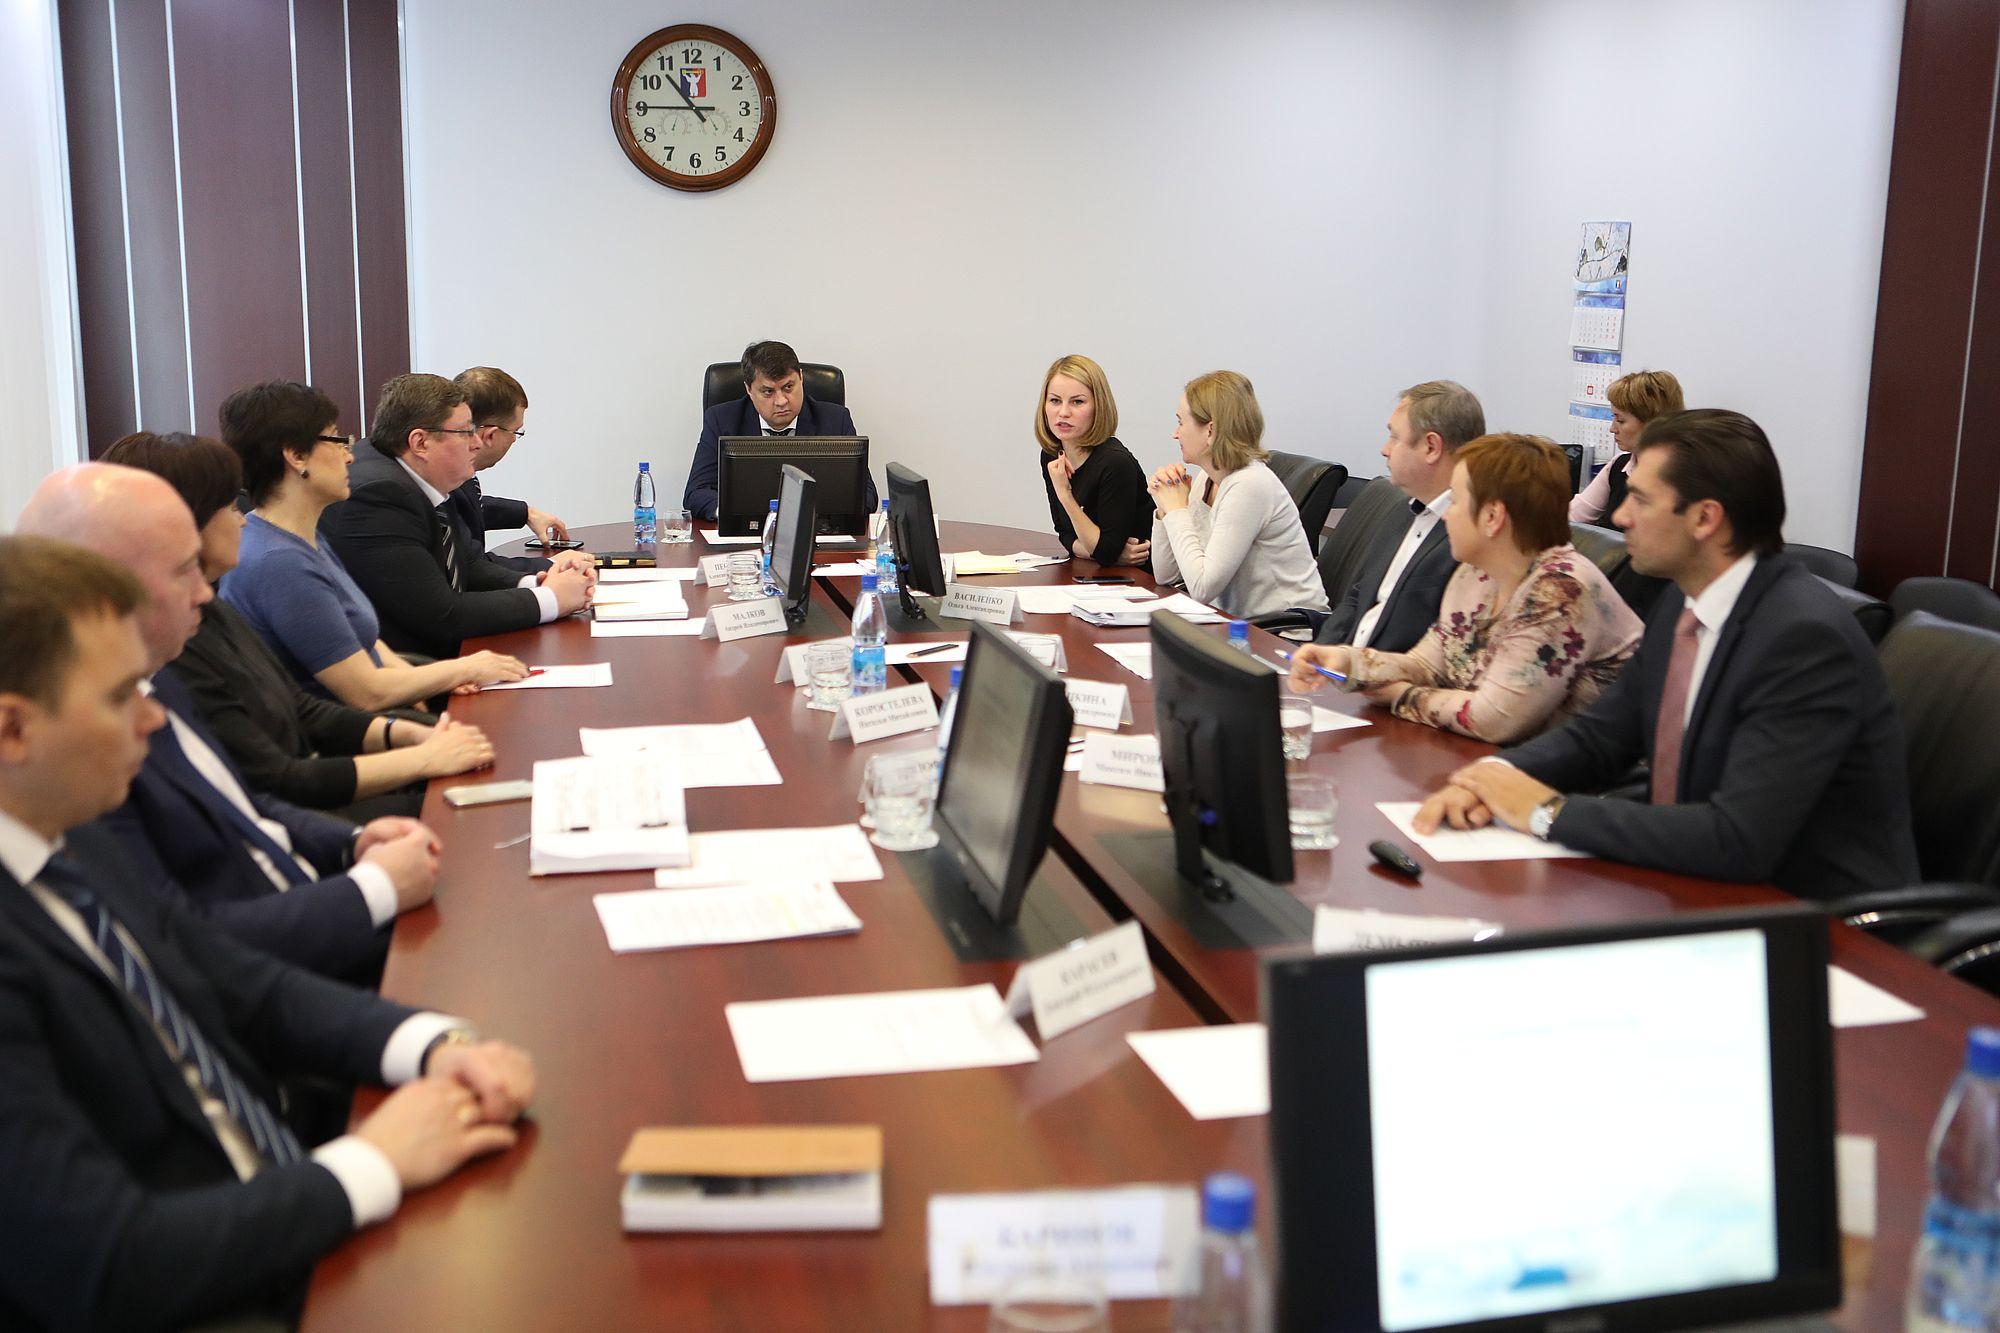 """Проект по созданию туркластера """"Арктический"""" может попасть в программу федерального финансирования"""